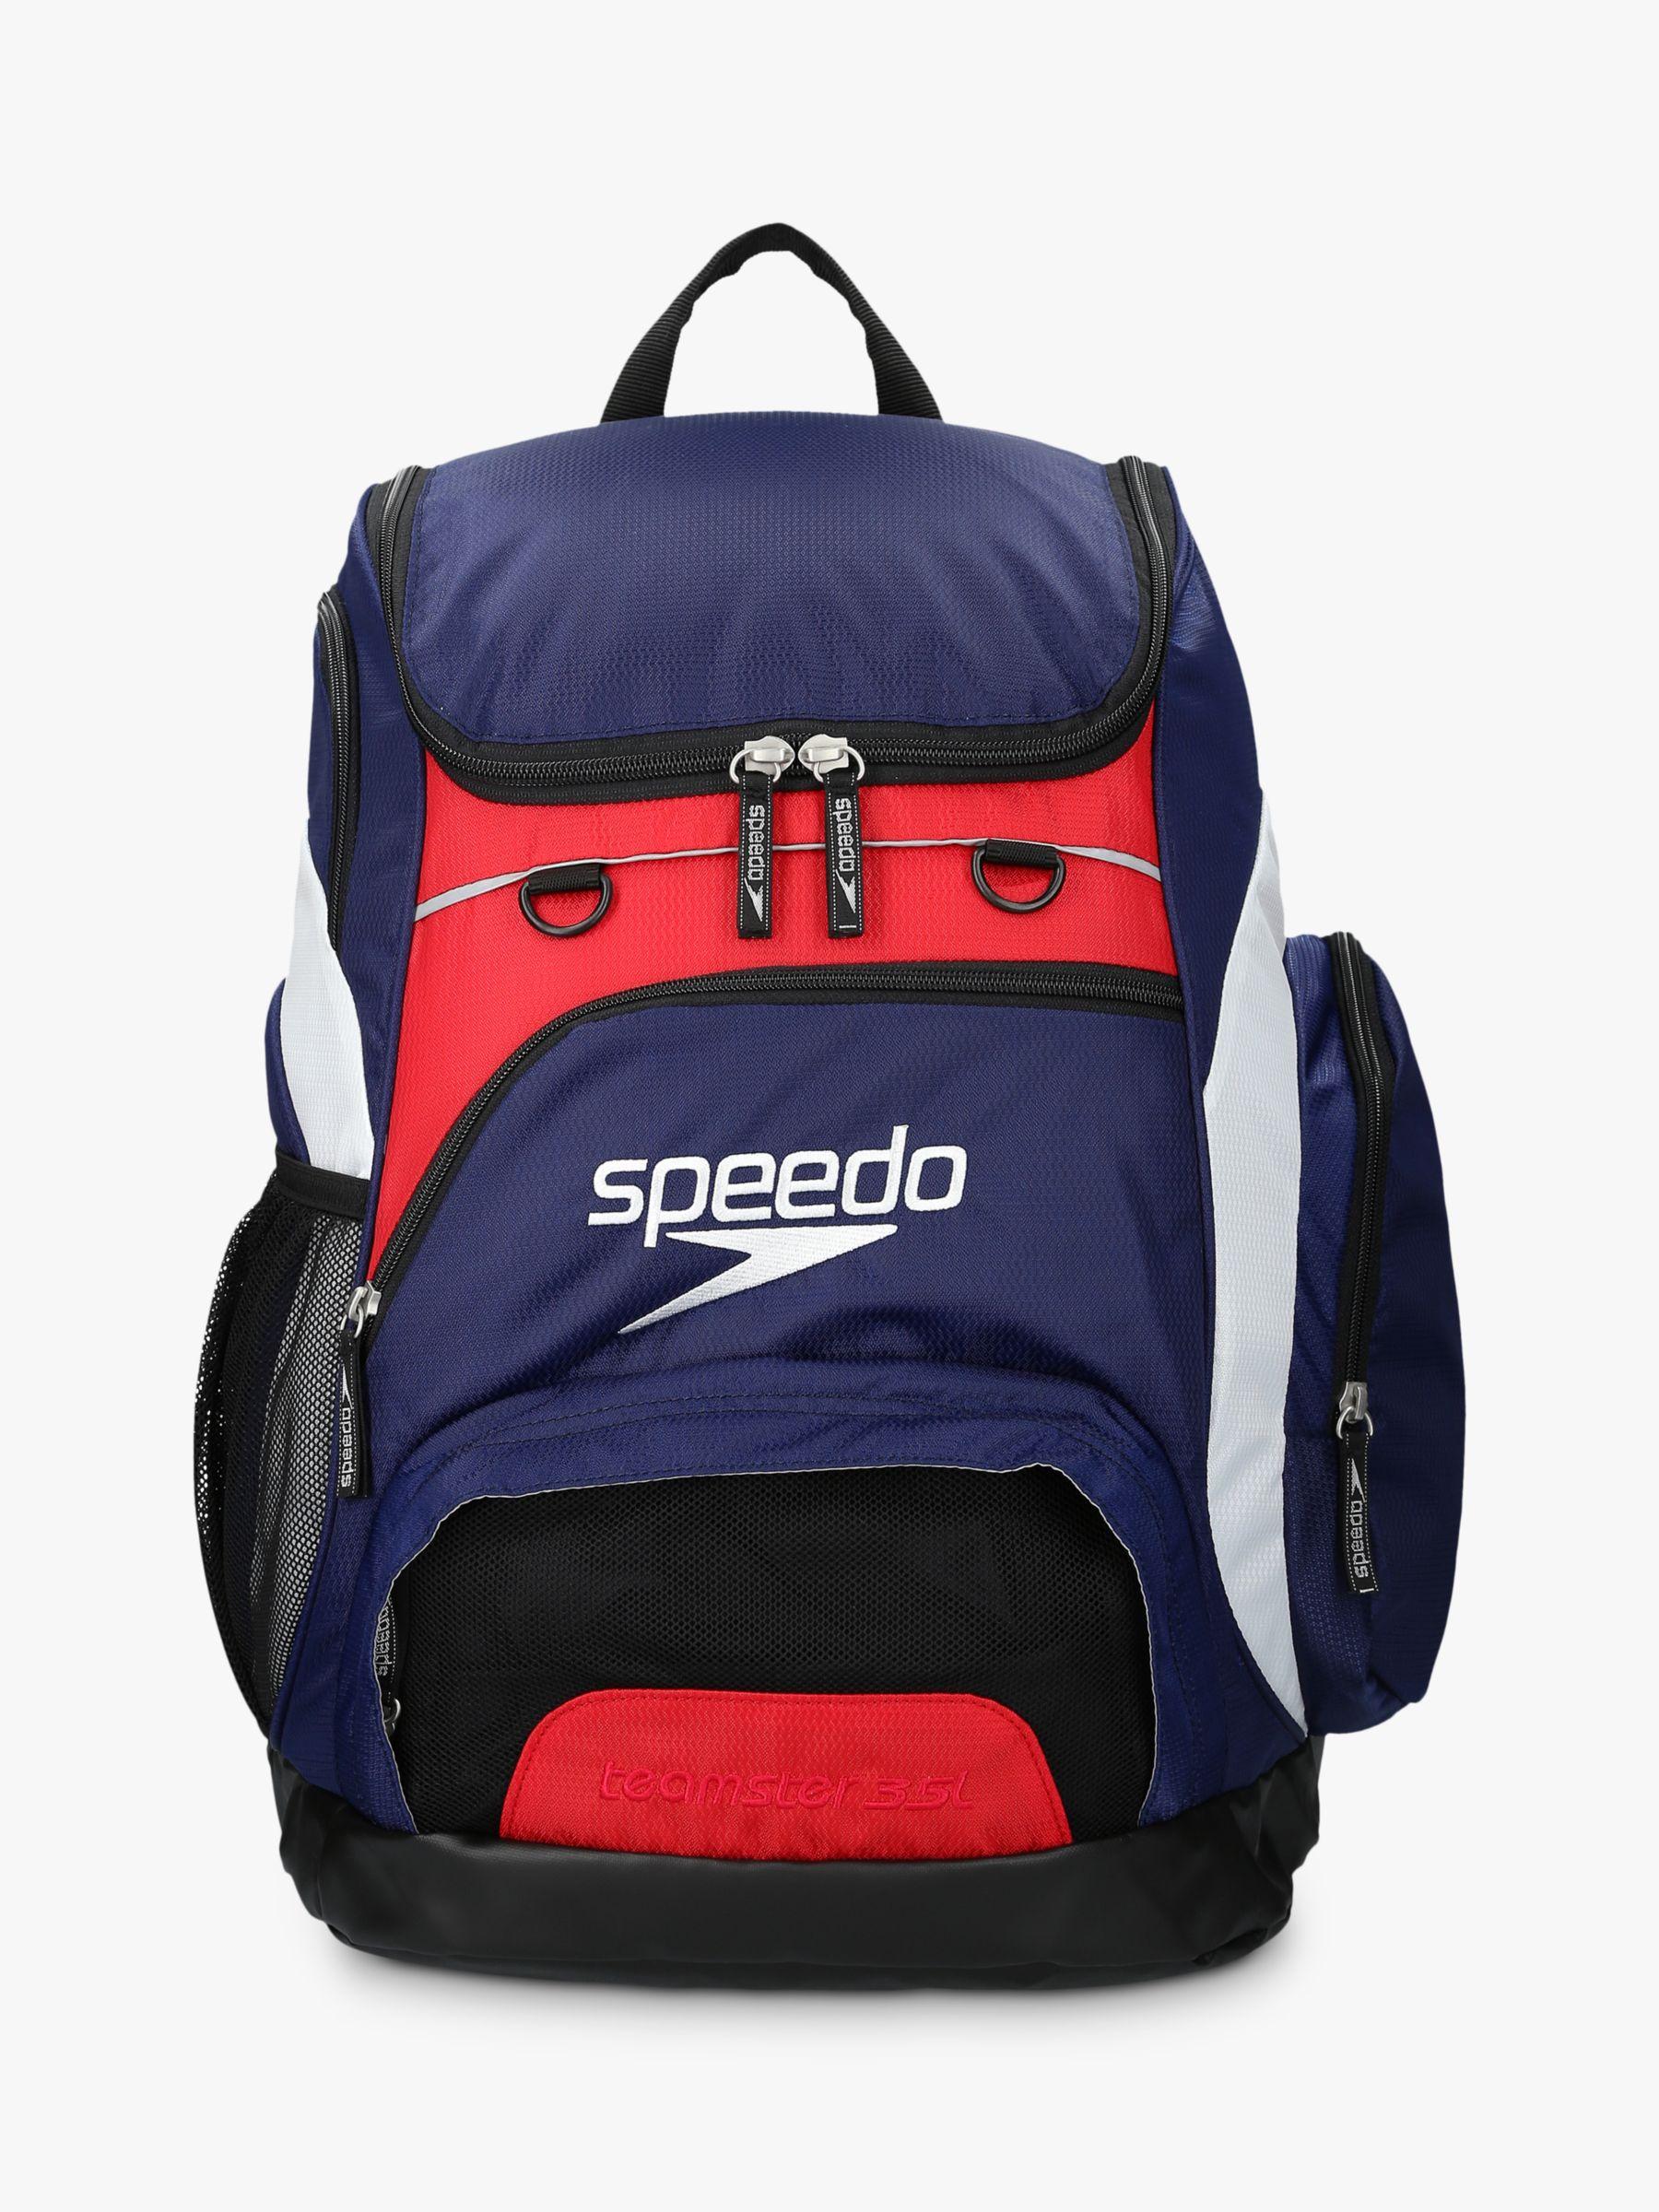 Speedo Speedo Teamster Swim Backpack, Navy/Red/White